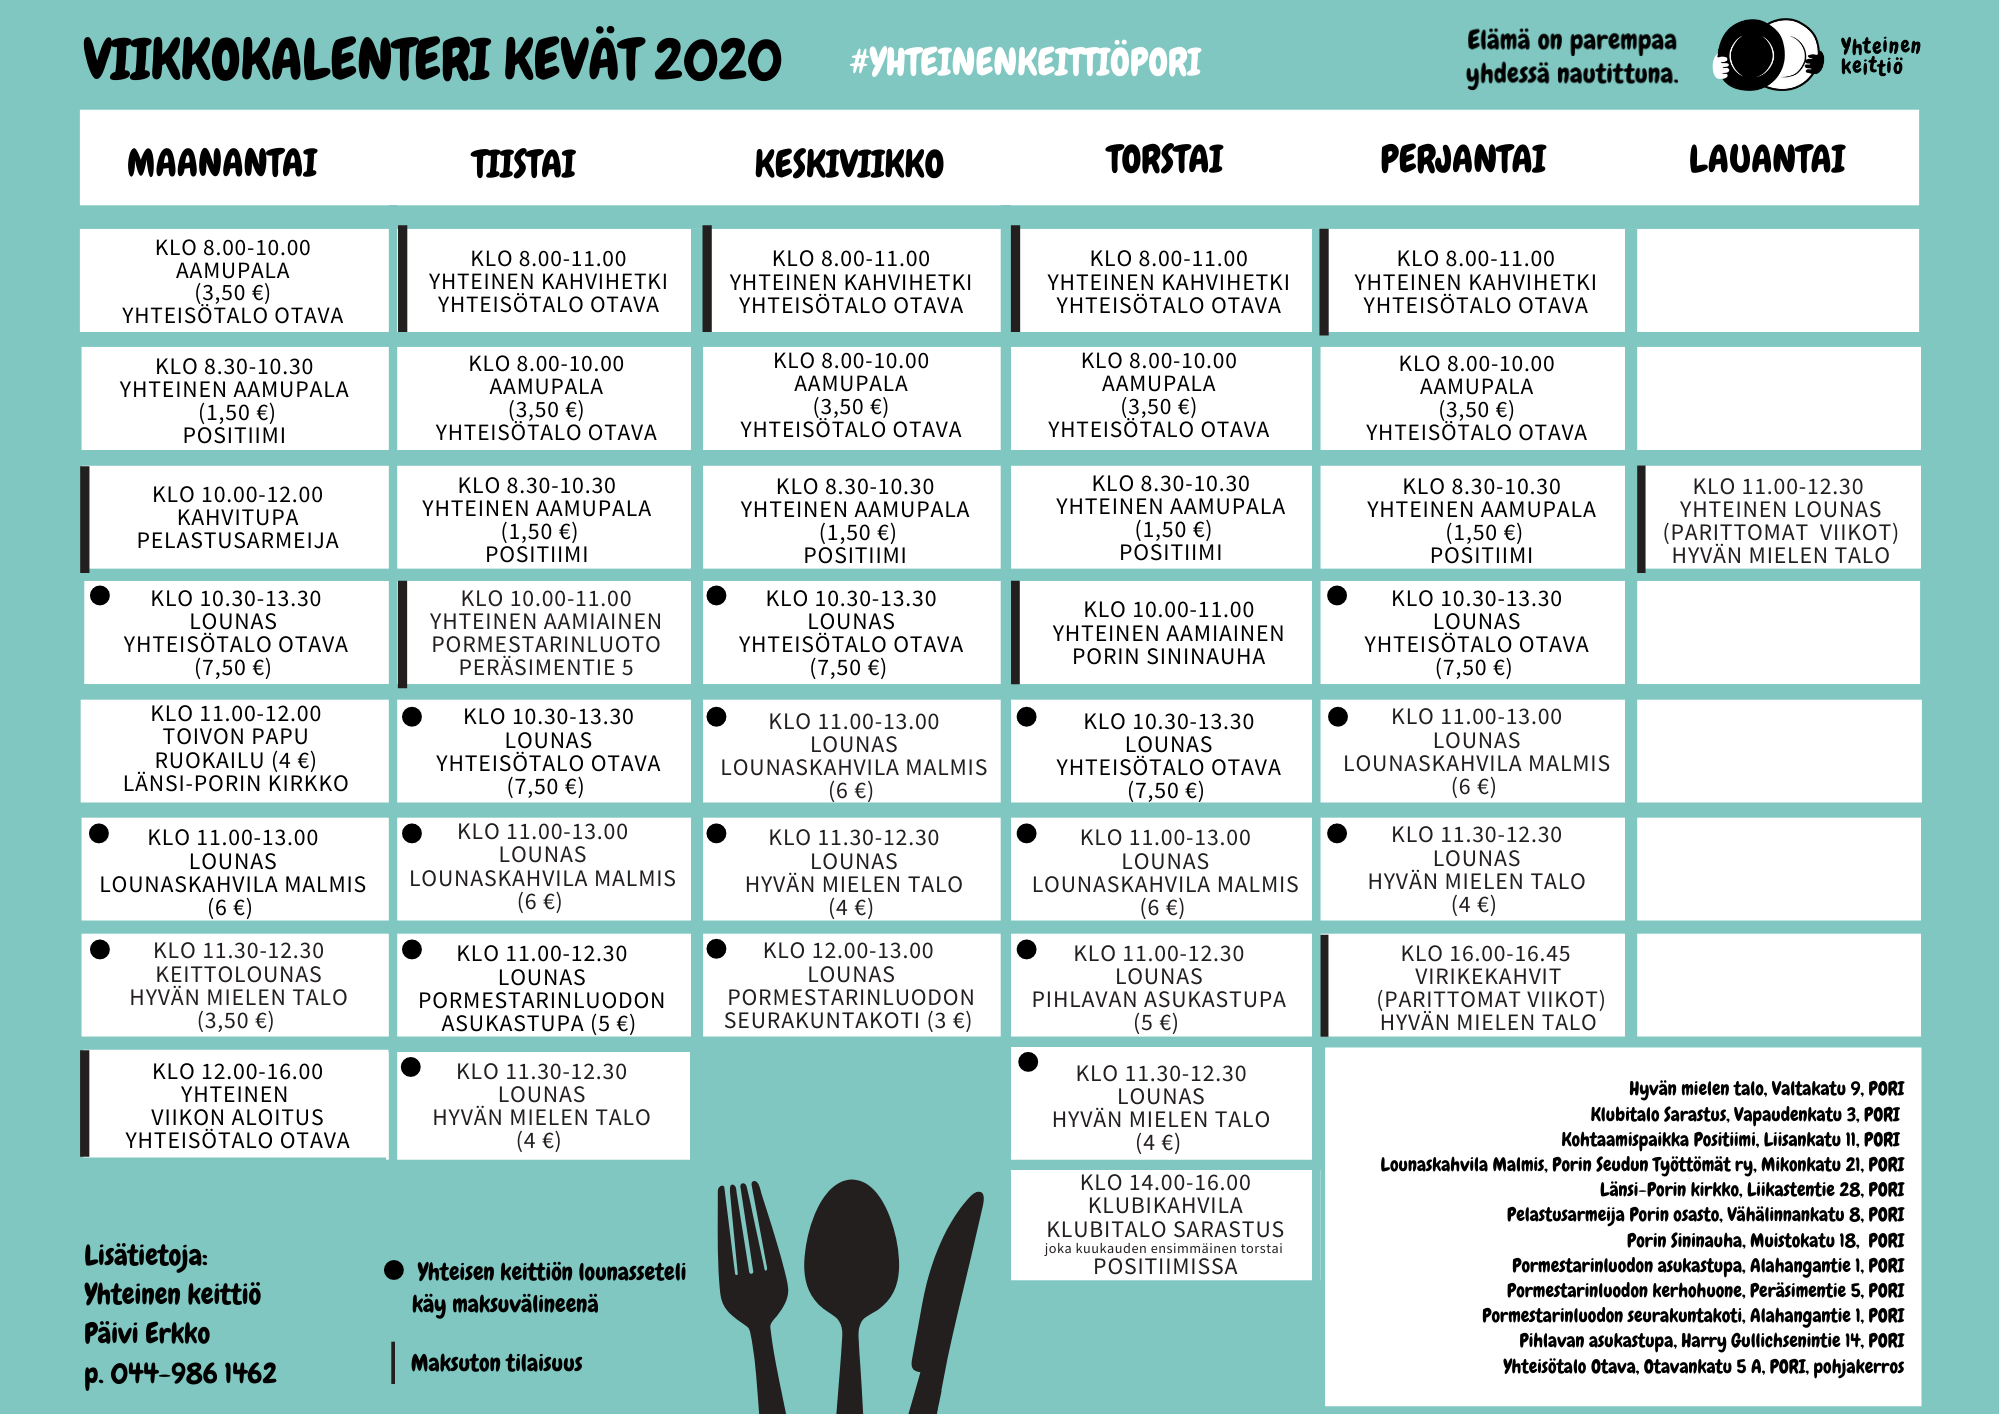 Yhteinen keittiö viikkokalenteri kevät 2020